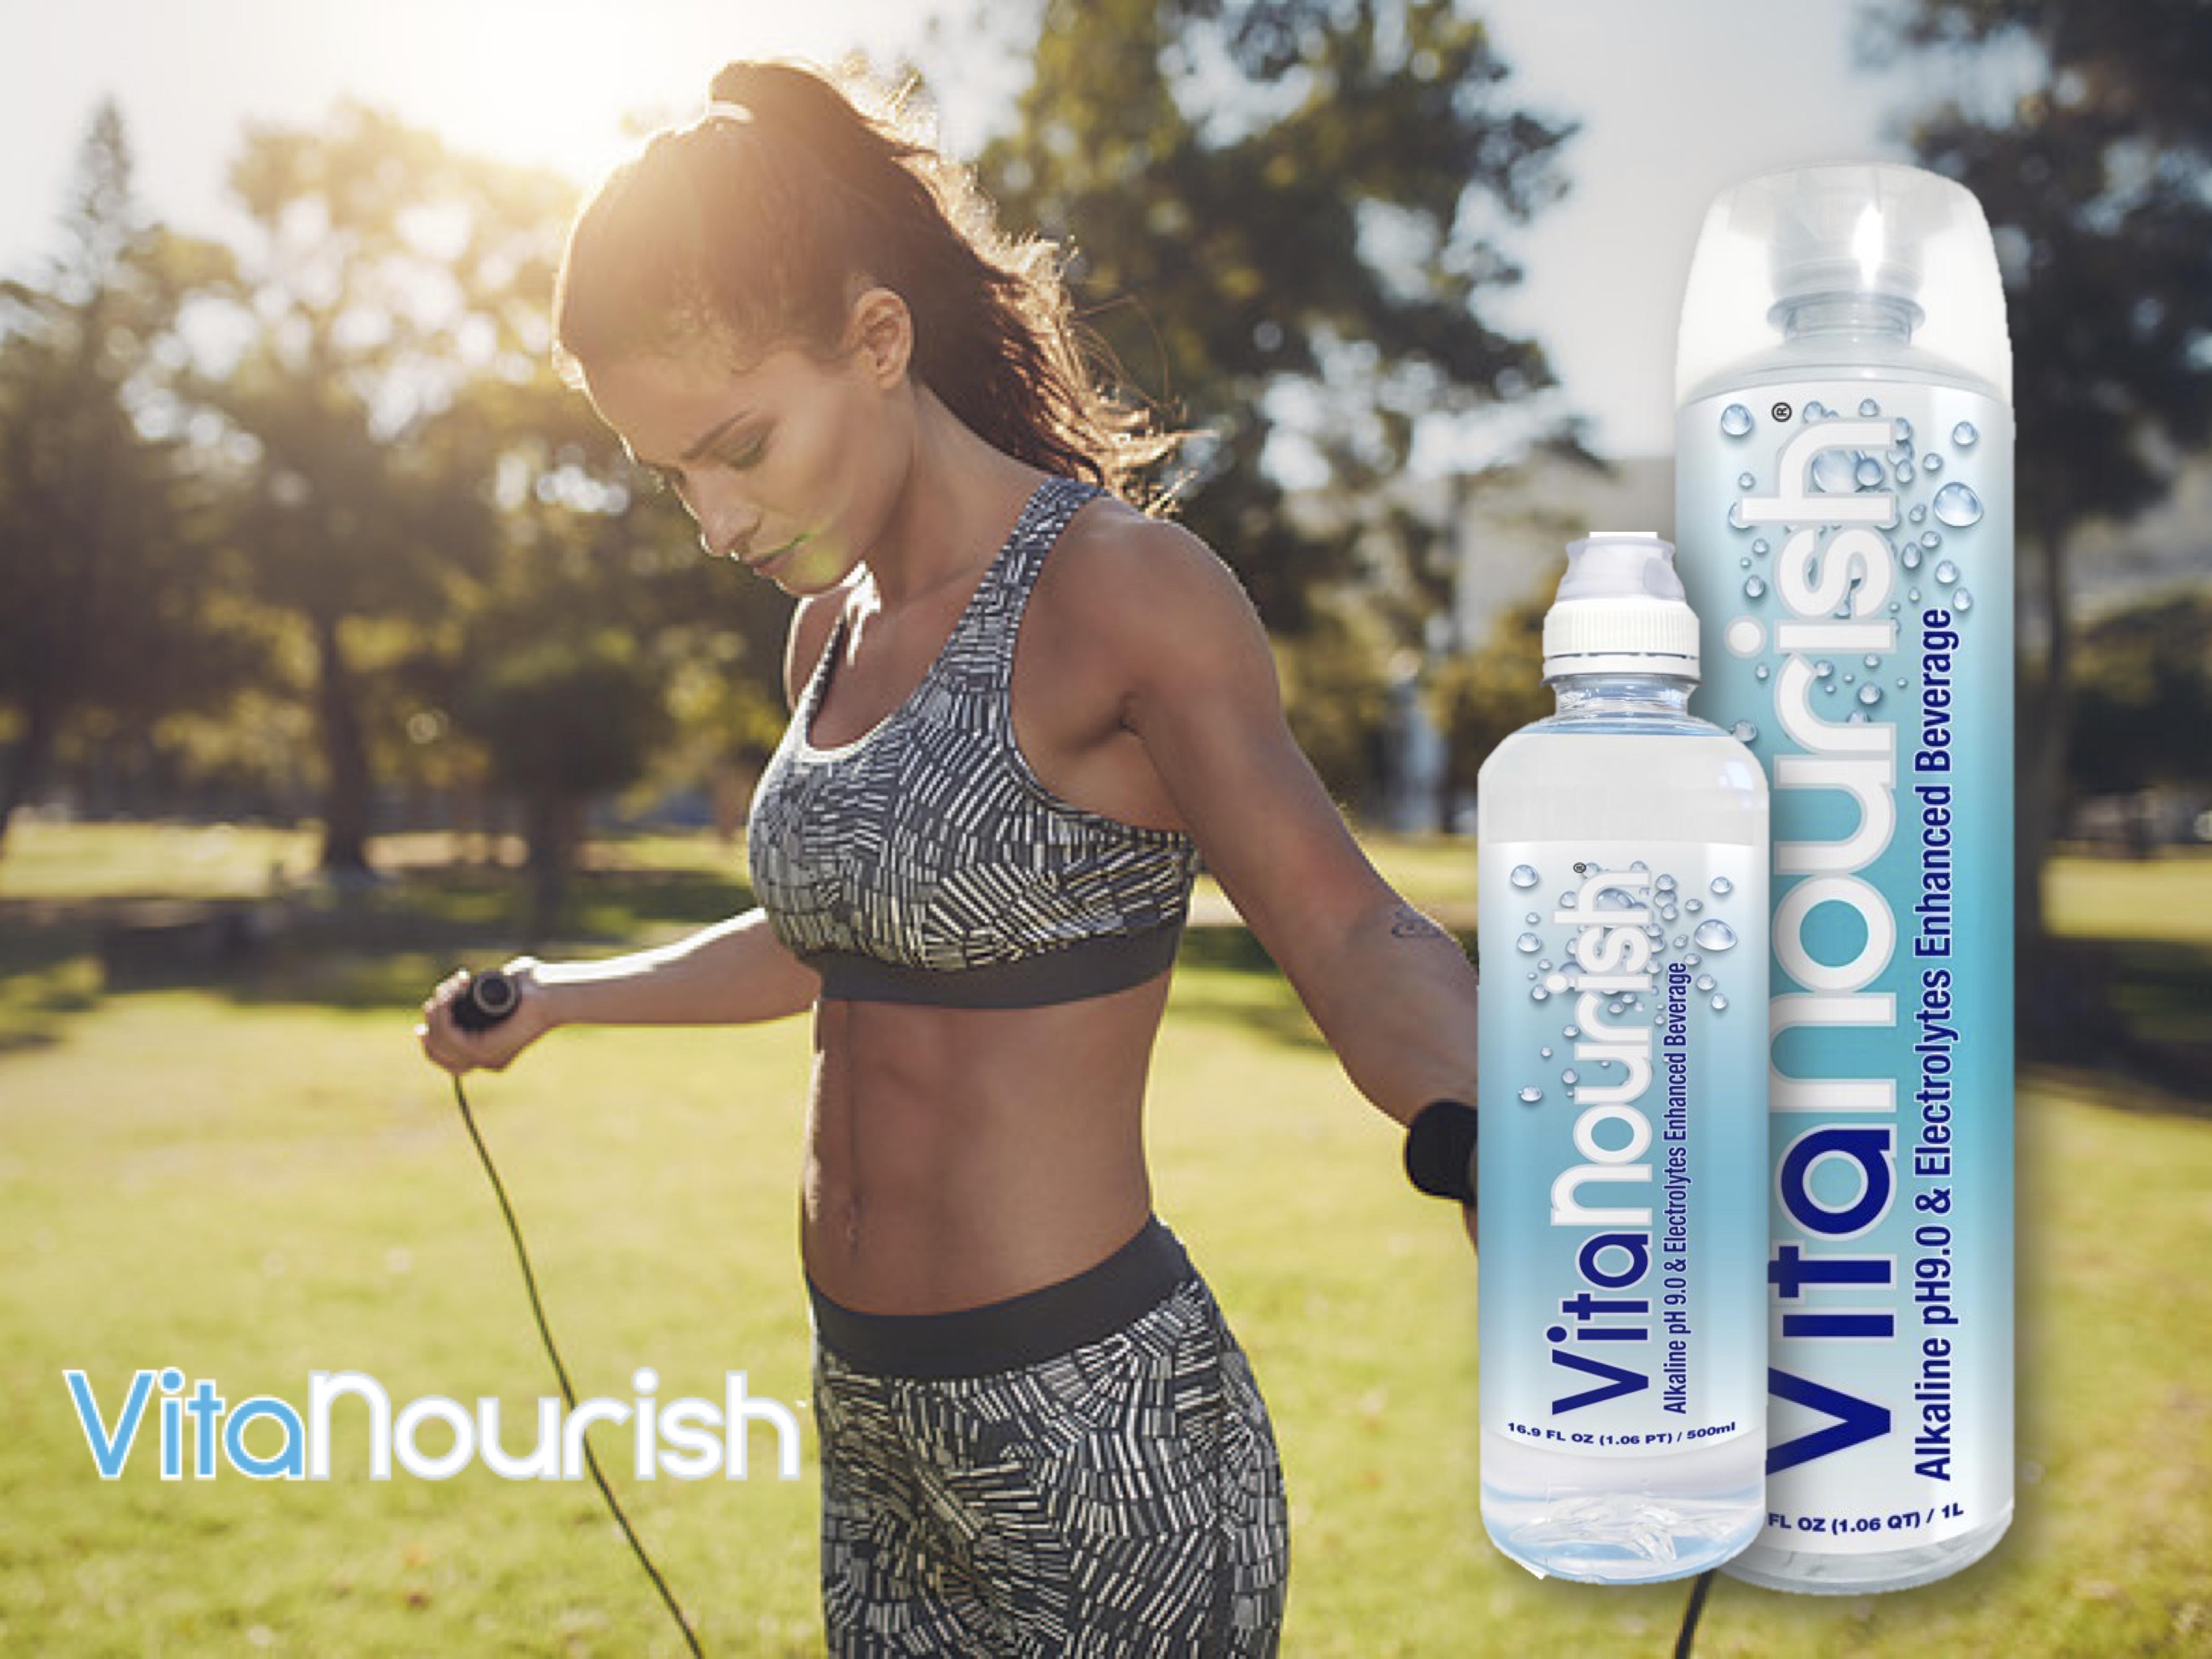 vitanourish new bottles 202013